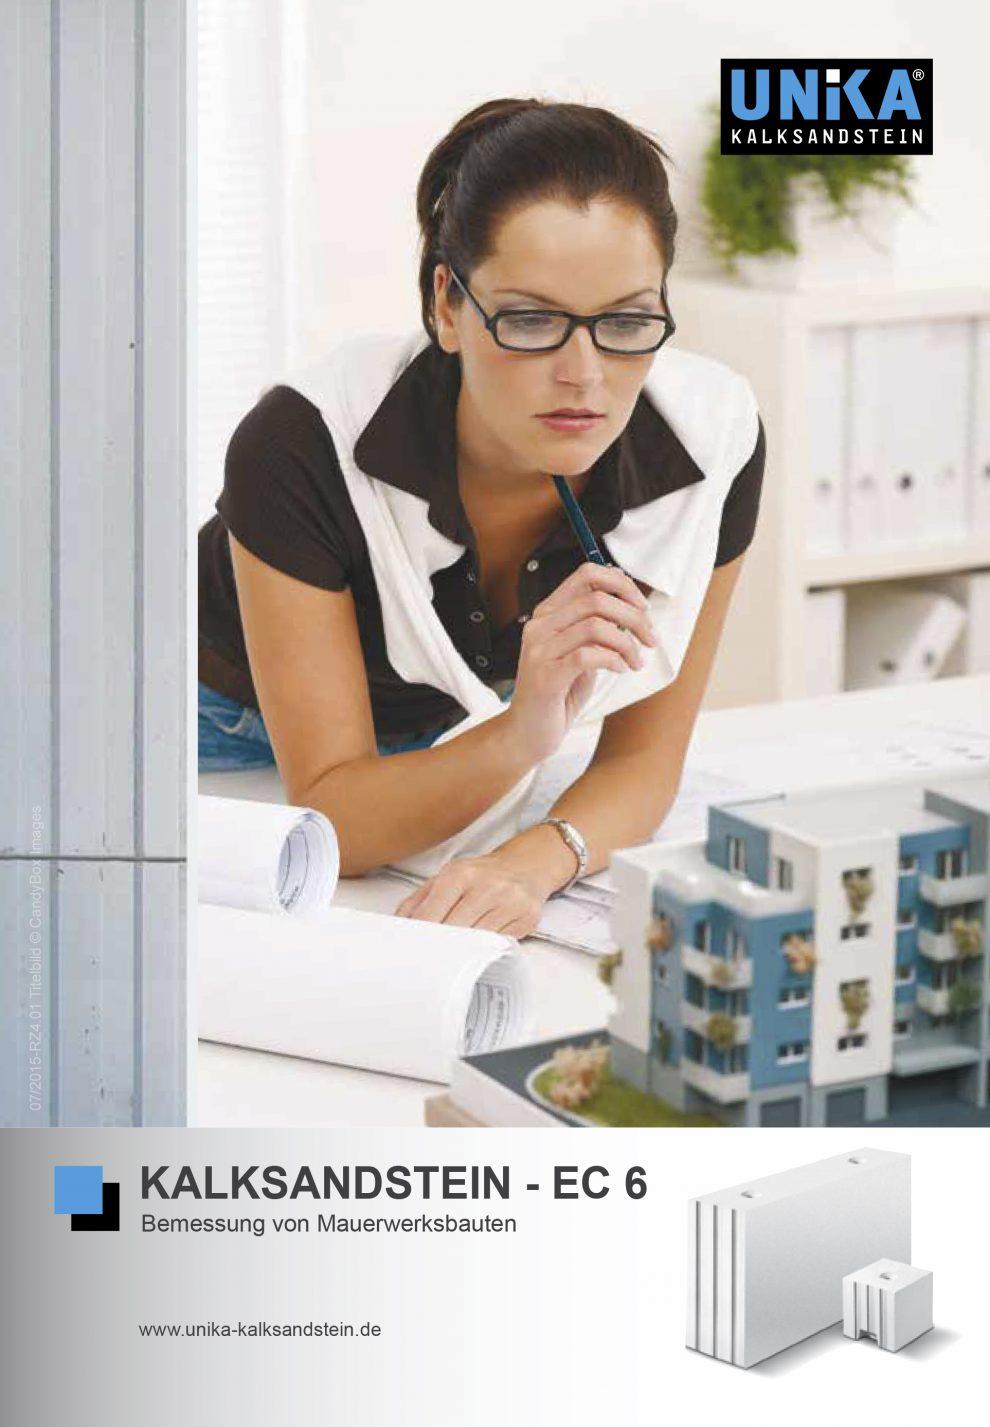 Neue Broschüre zur Bemessung und Ausführung von unbewehrtem Mauerwerk mit UNIKA Kalksandstein nach Eurocode 6 direkt downloadbar auf www.unikakalksandstein. de.